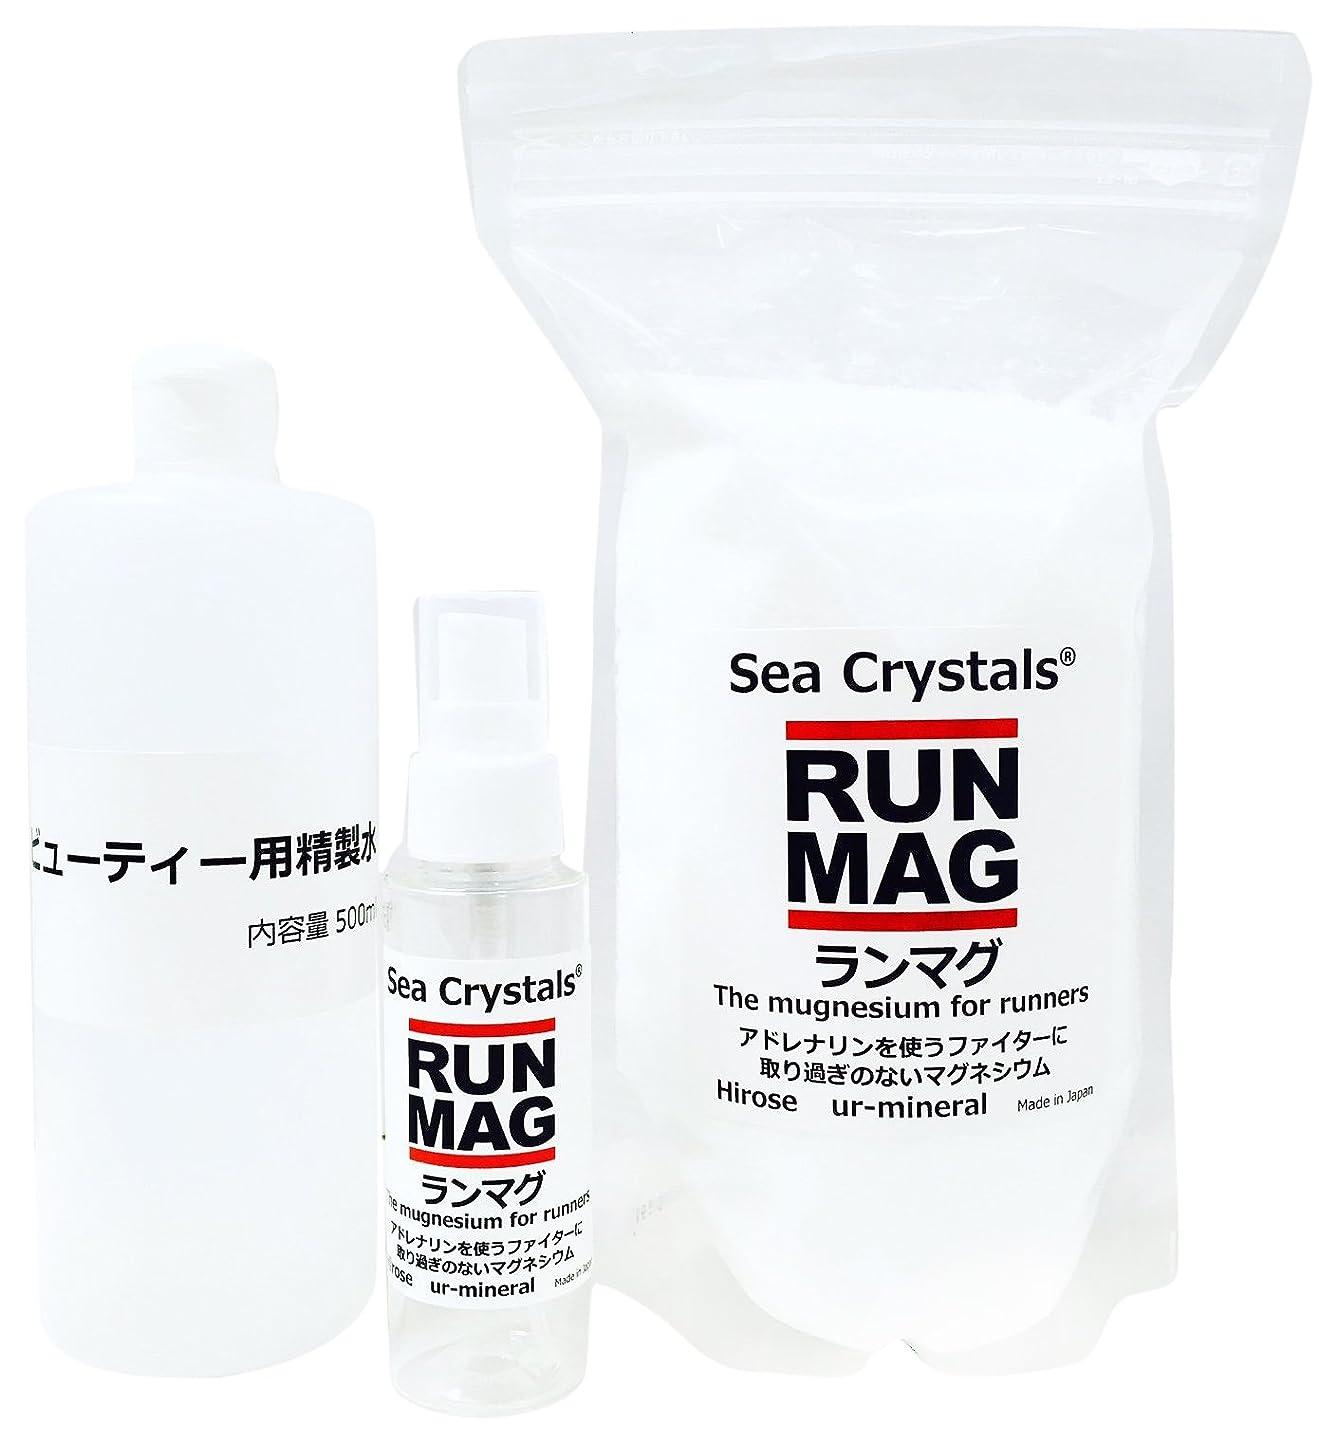 小間地上の地上のランマグ?マグネシウムオイル 500g 化粧品登録 日本製 1日マグネシウム360mg使用? 精製水付き